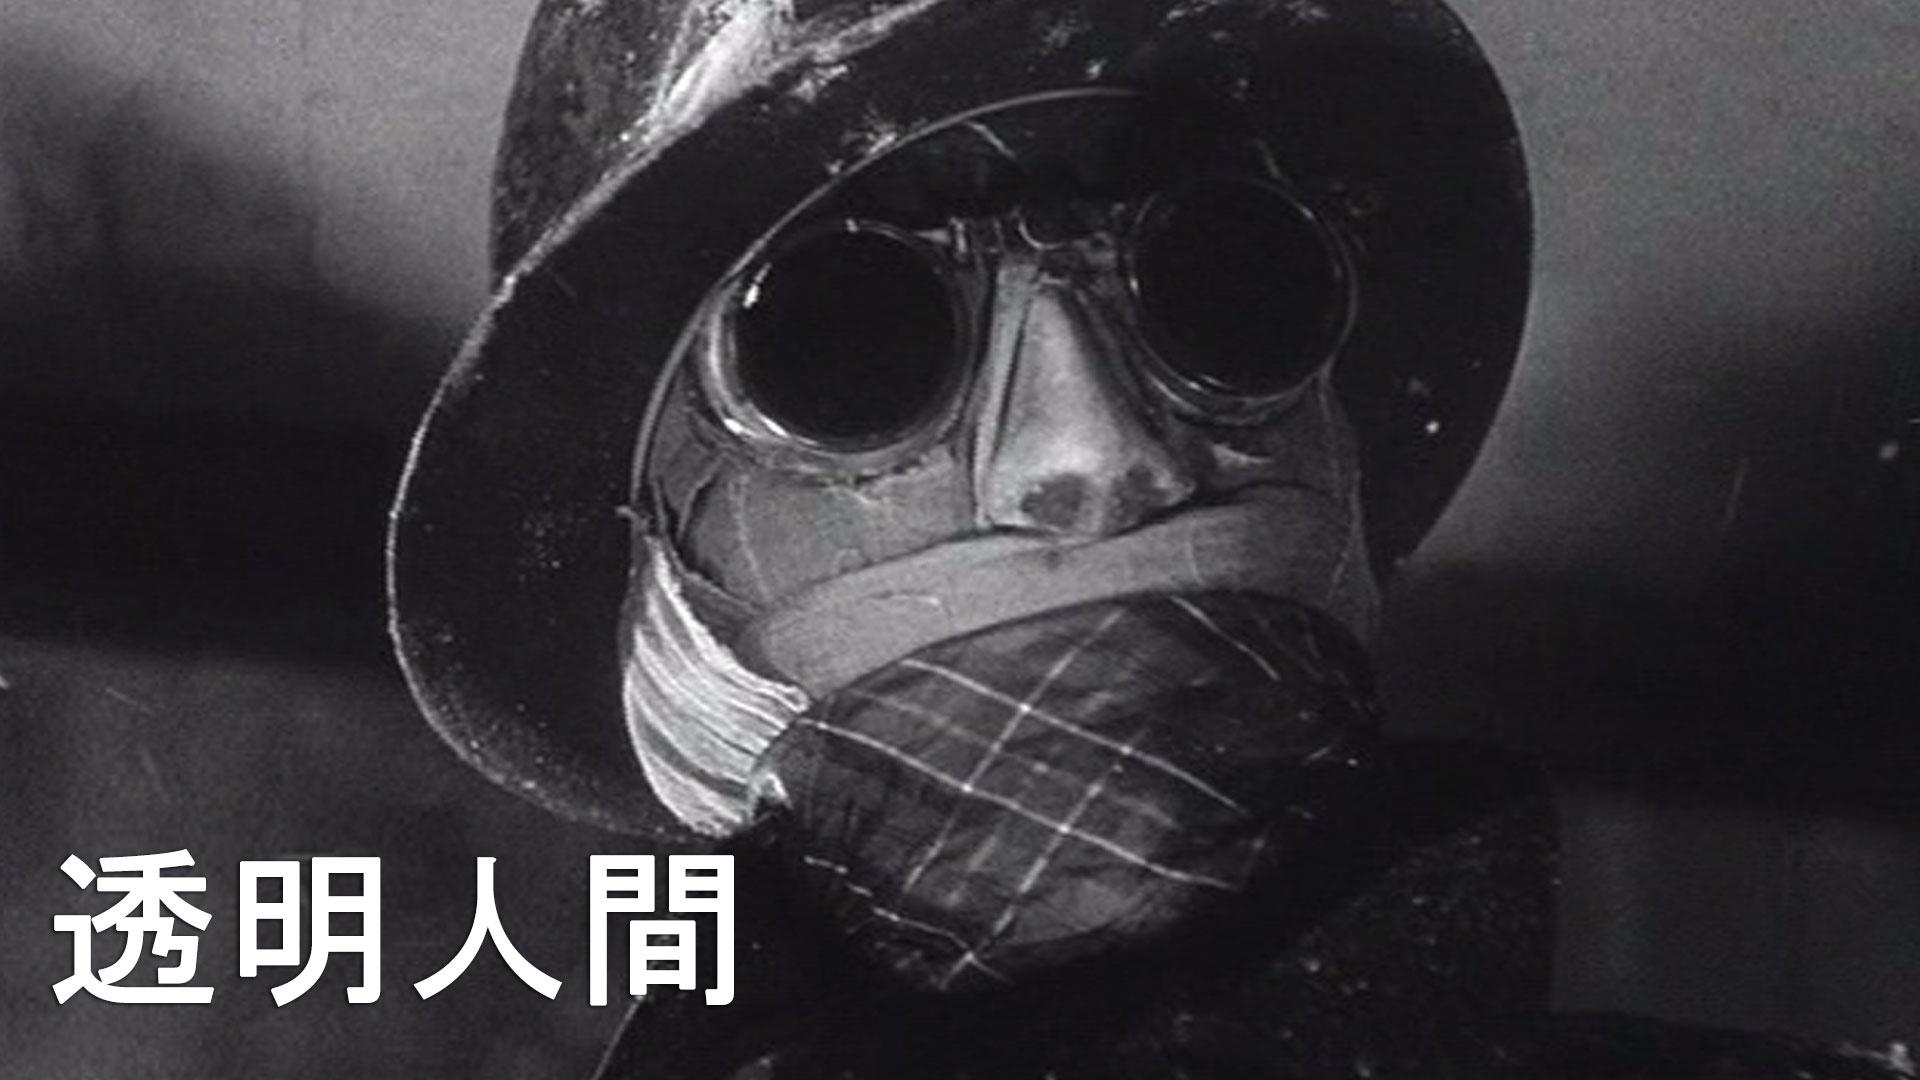 透明人間(字幕版)